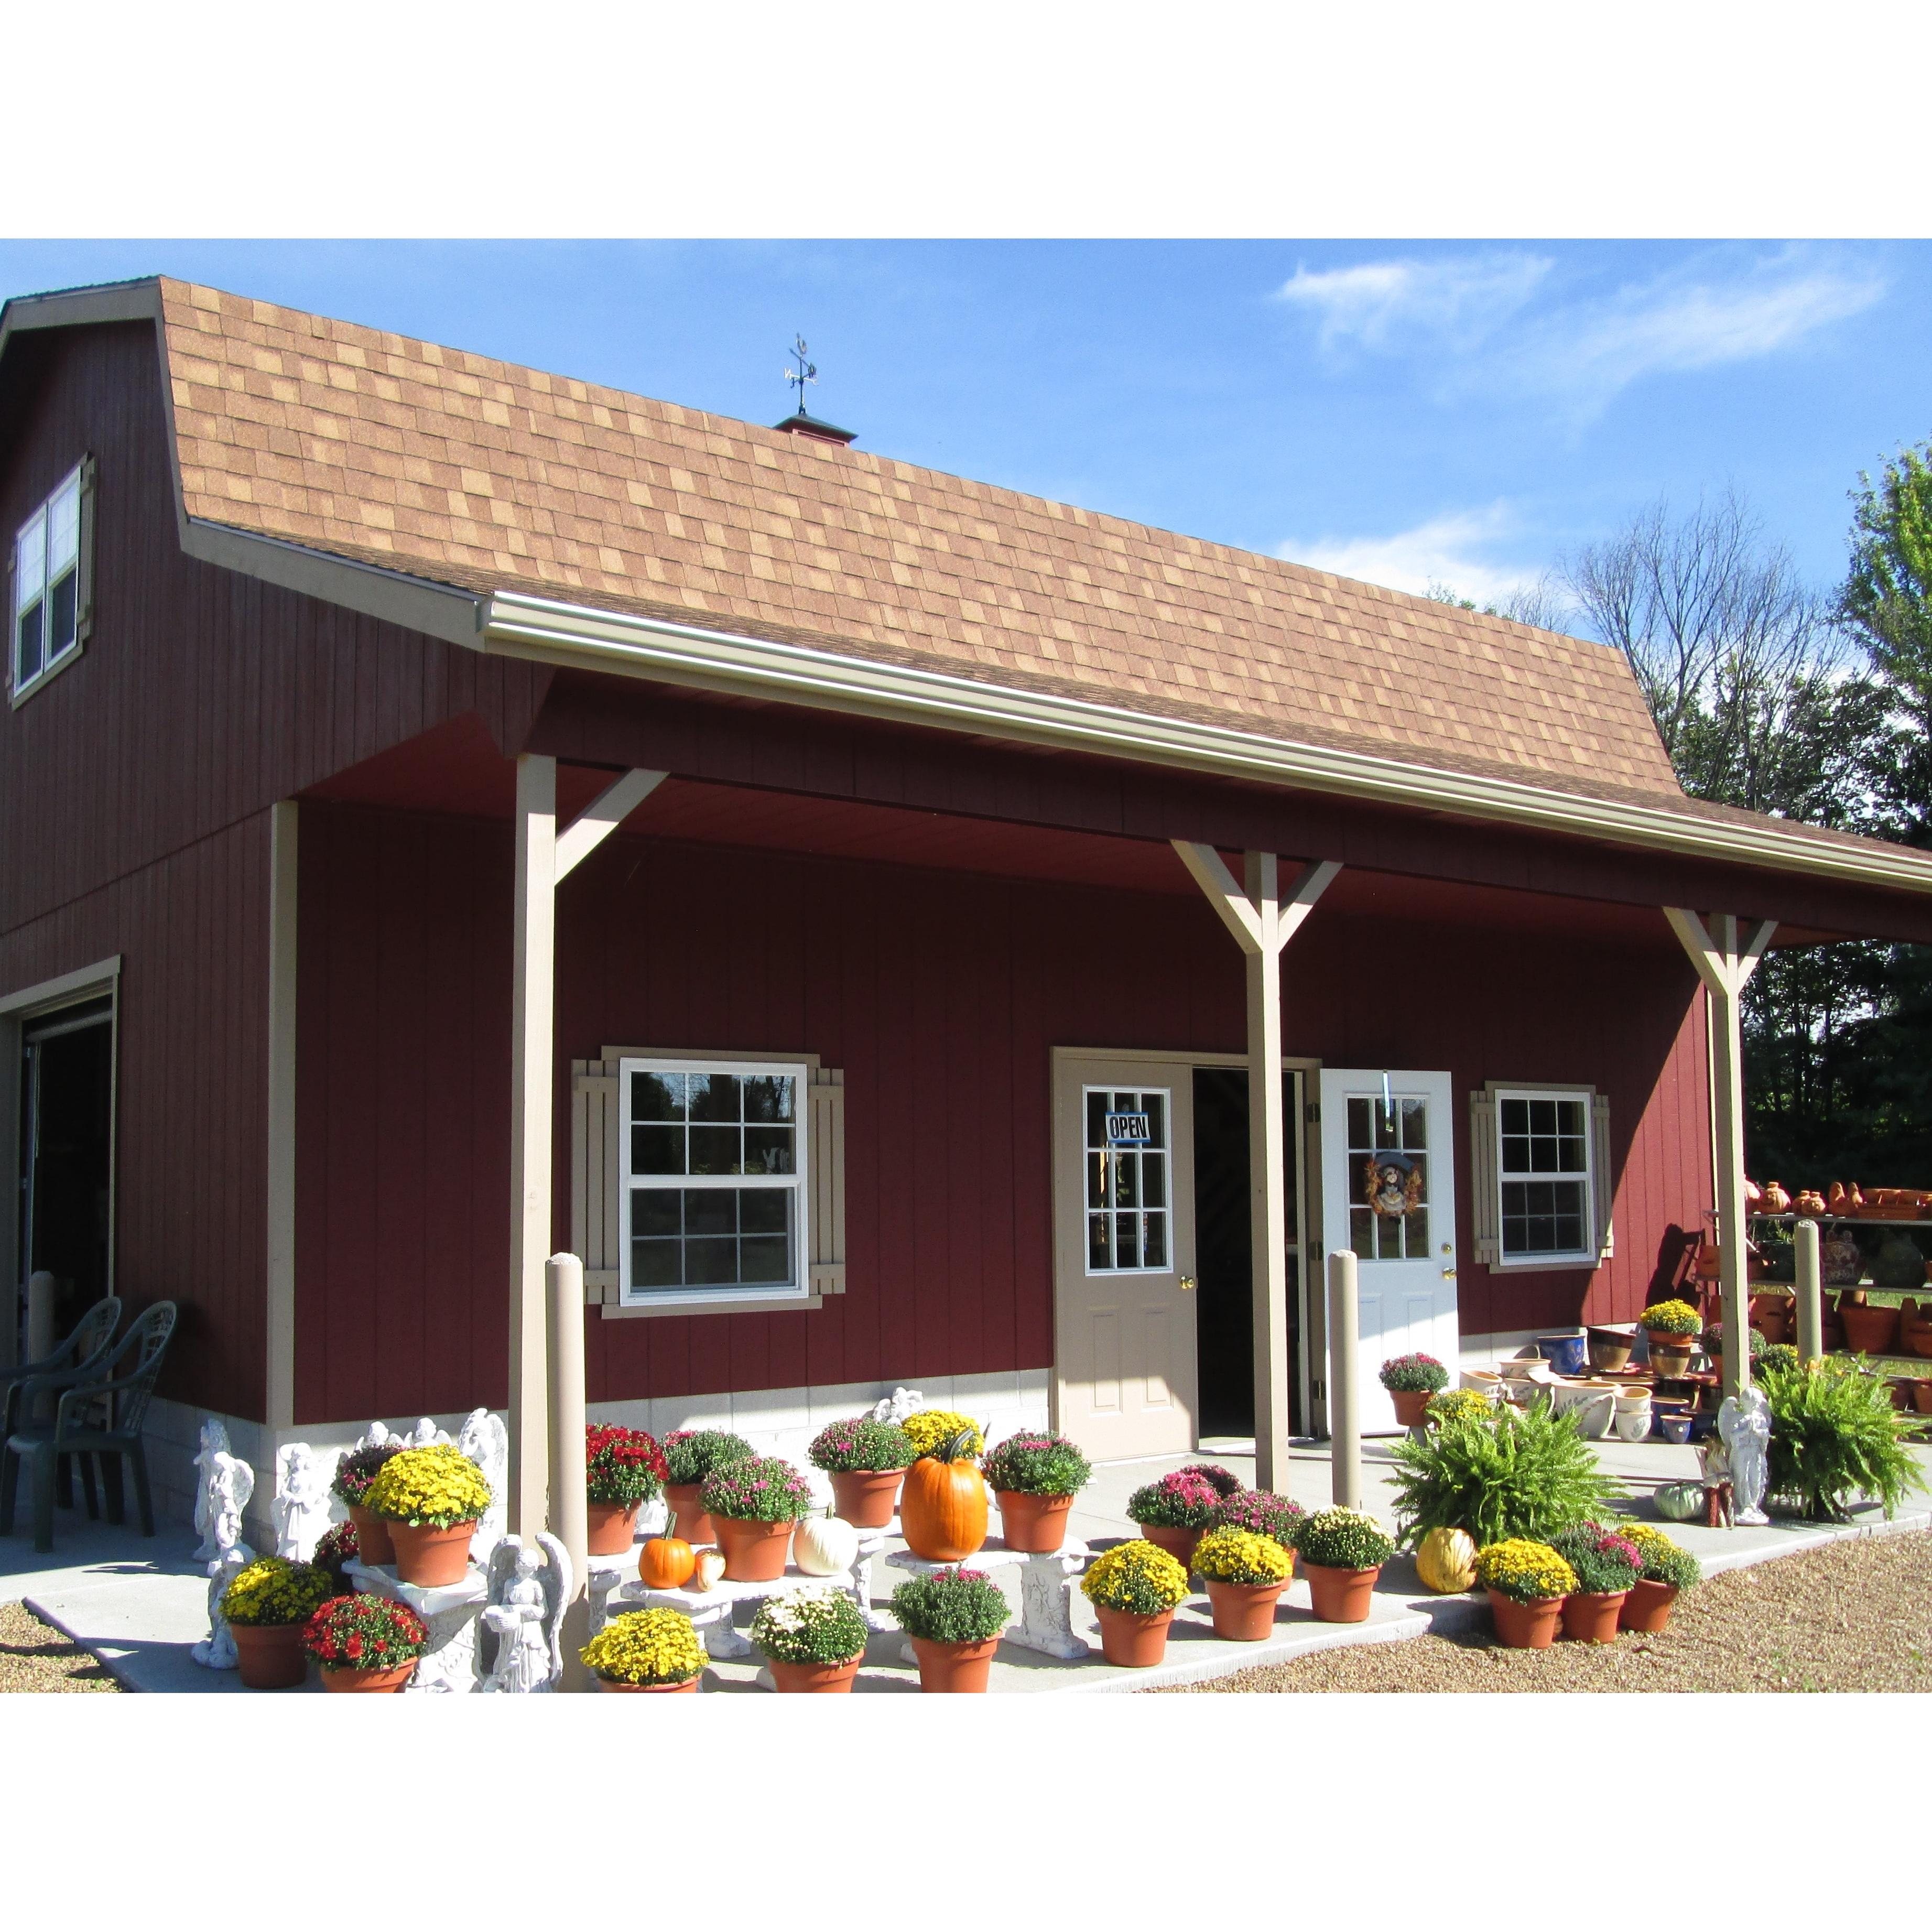 Cliff's Greenhouse & Garden Center